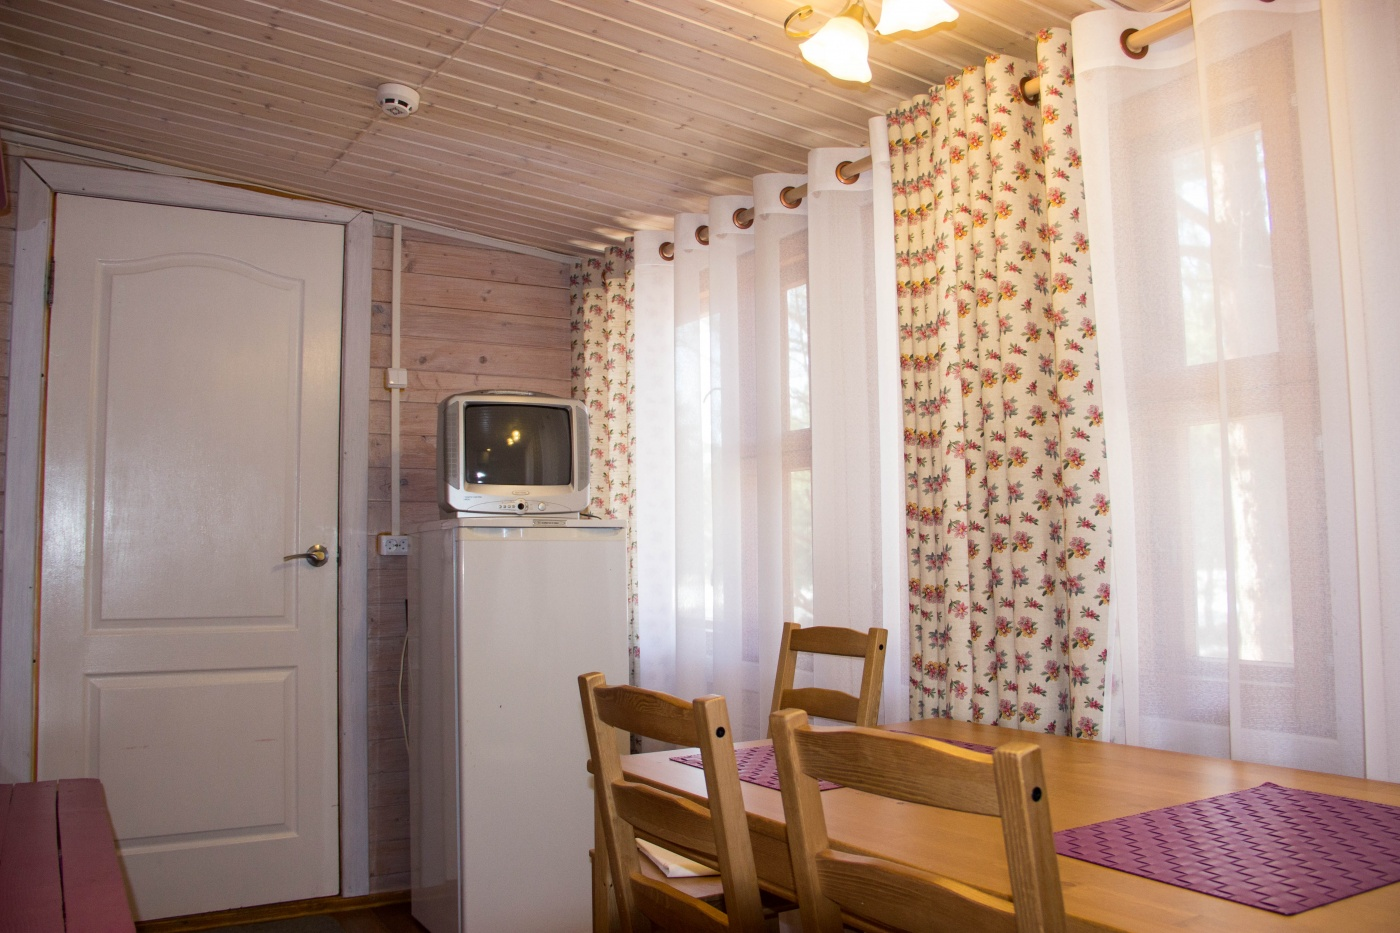 Дачный комплекс «Коприно» Ярославская область 2-местный домик № 16, 17, 18, 19, фото 6